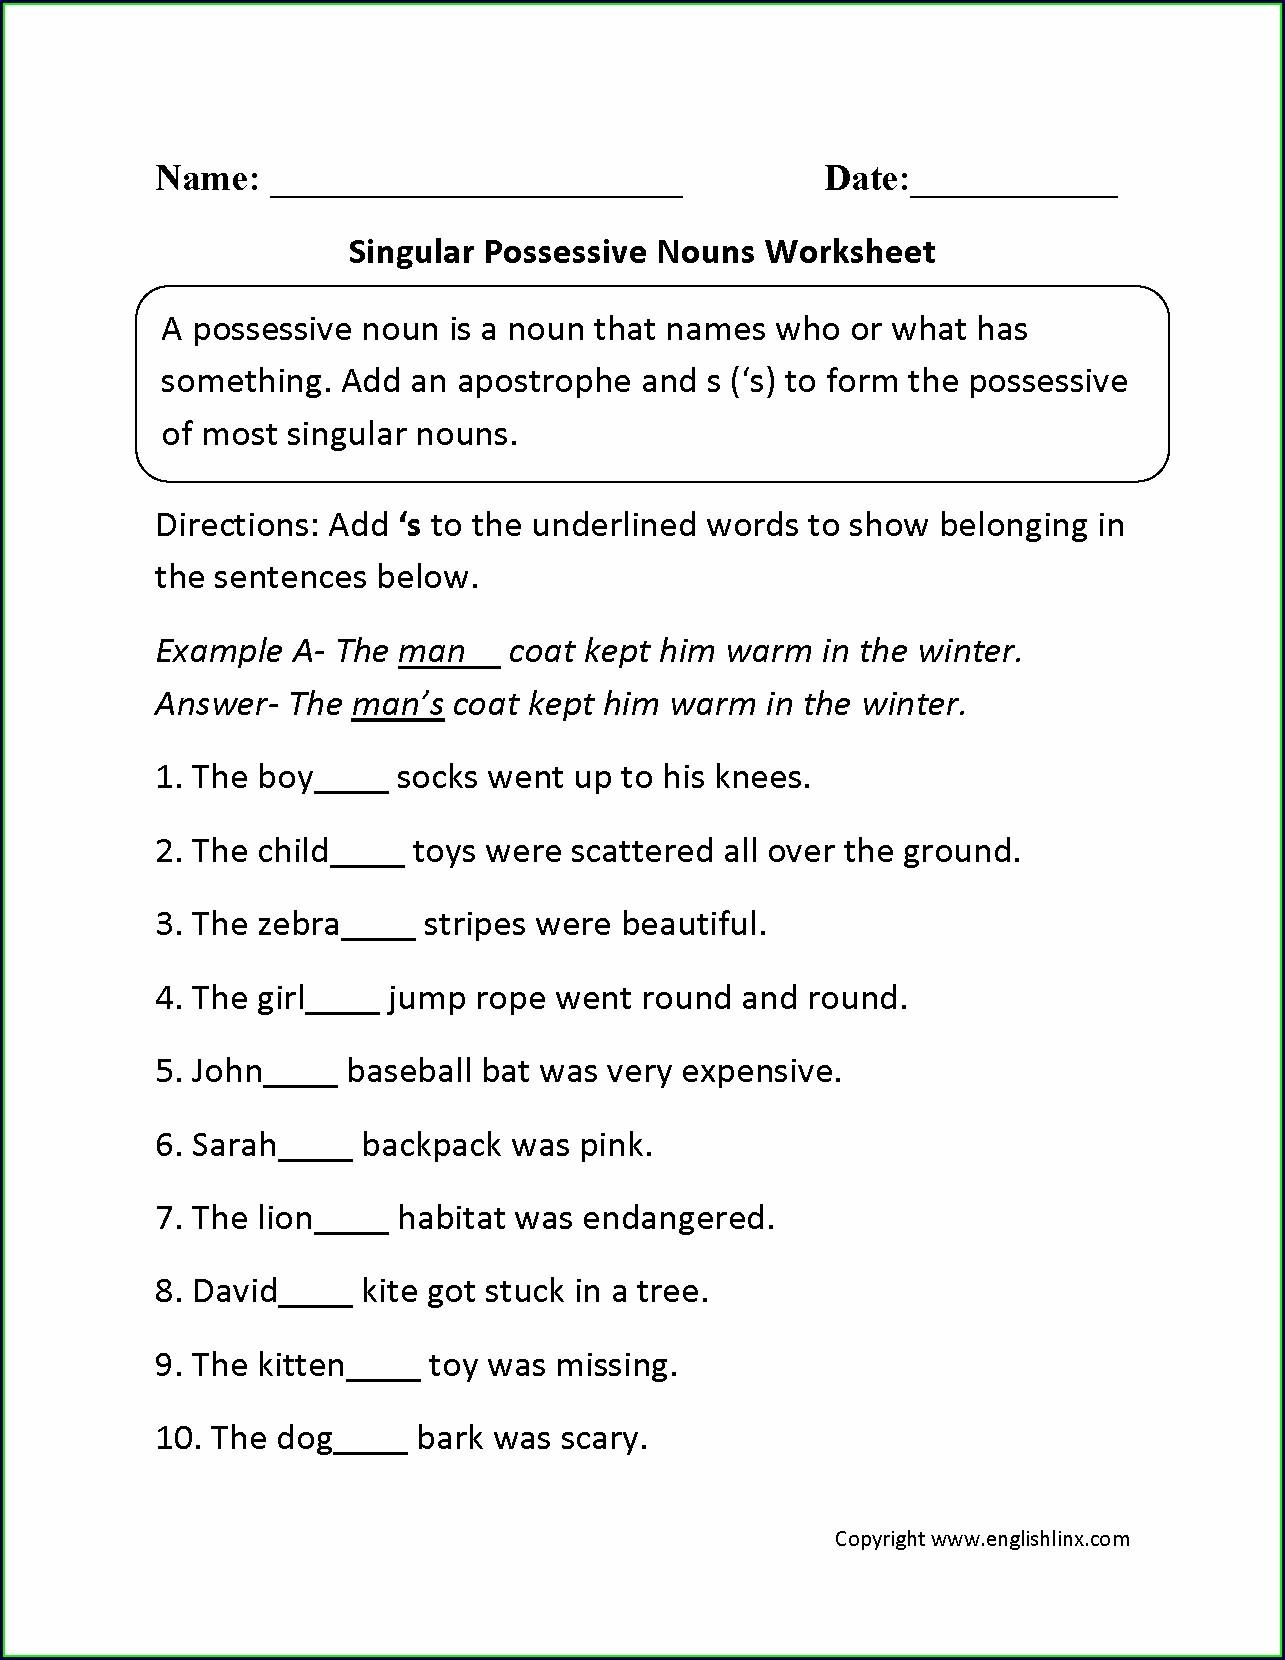 Worksheet On Possessive Pronouns For Grade 2